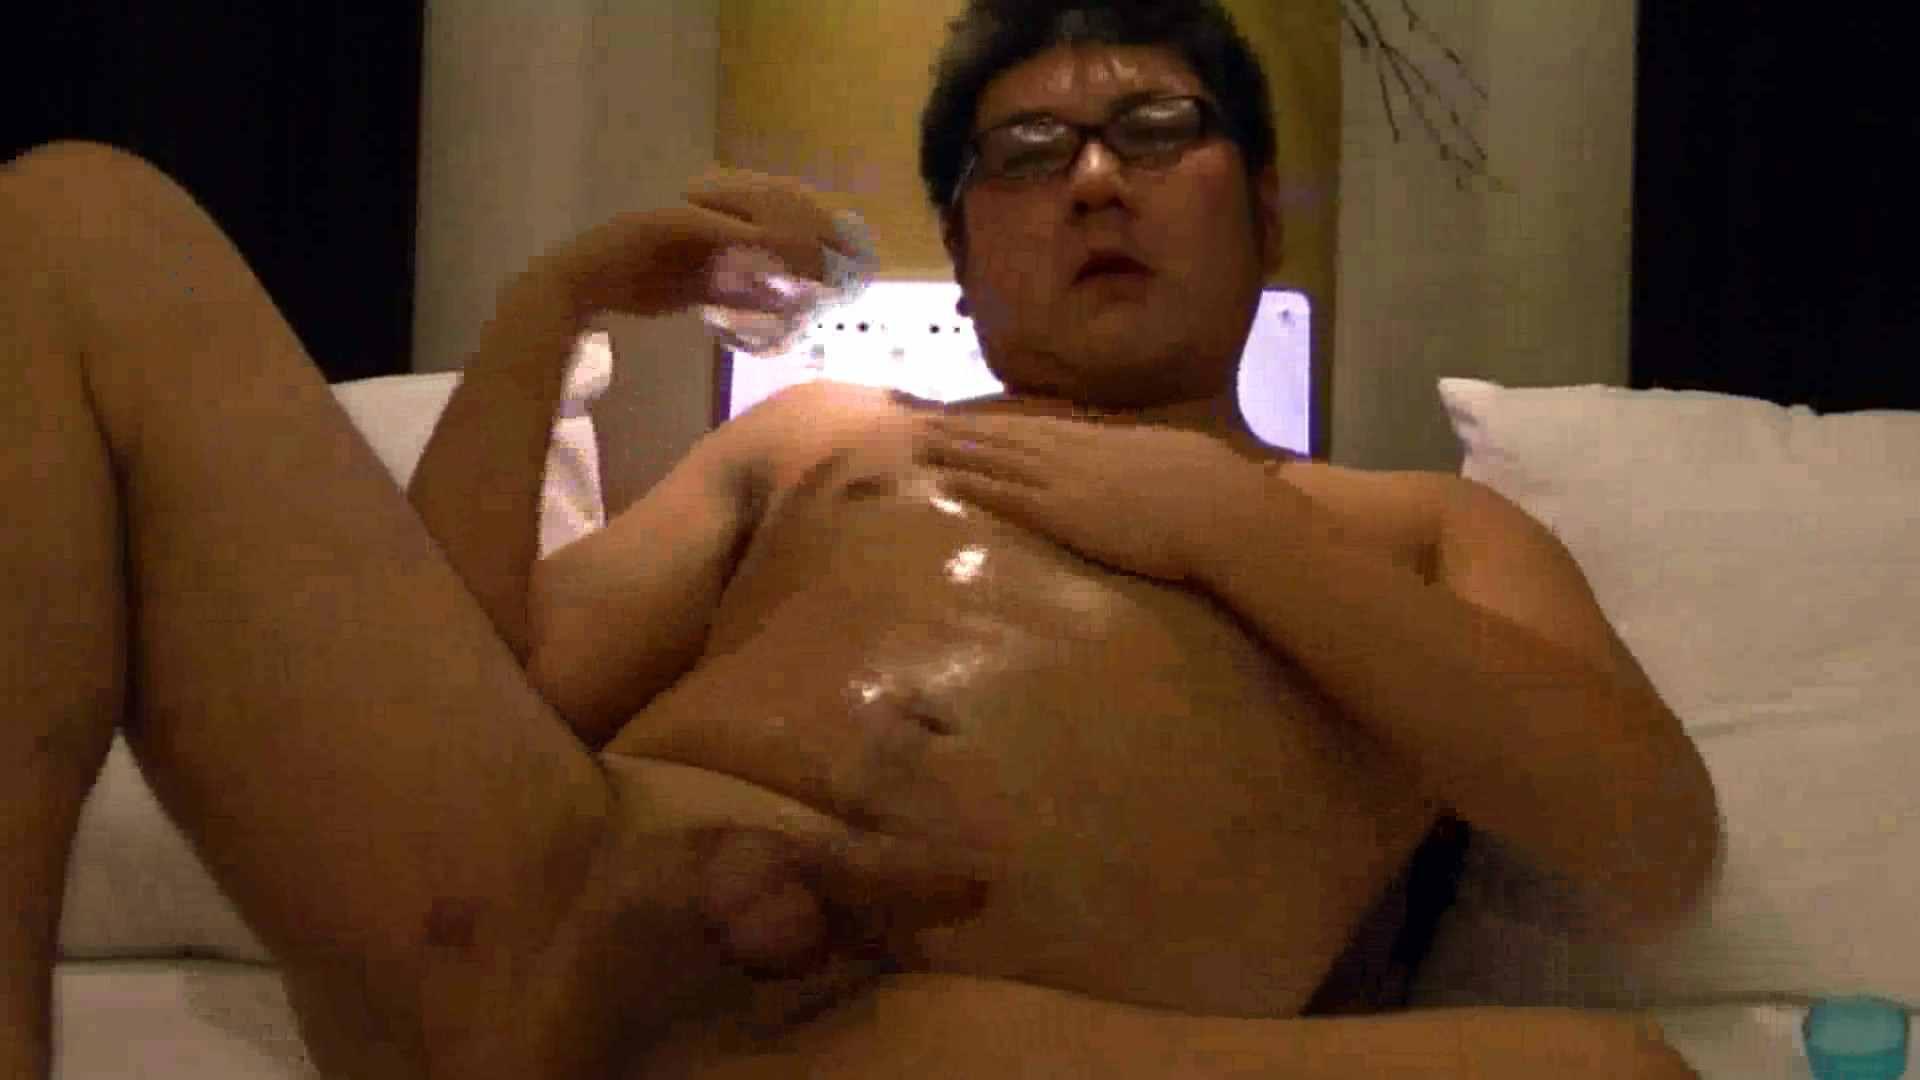 ONA見せカーニバル!! Vol5 エッチ   無修正 ゲイ無修正ビデオ画像 45pic 22